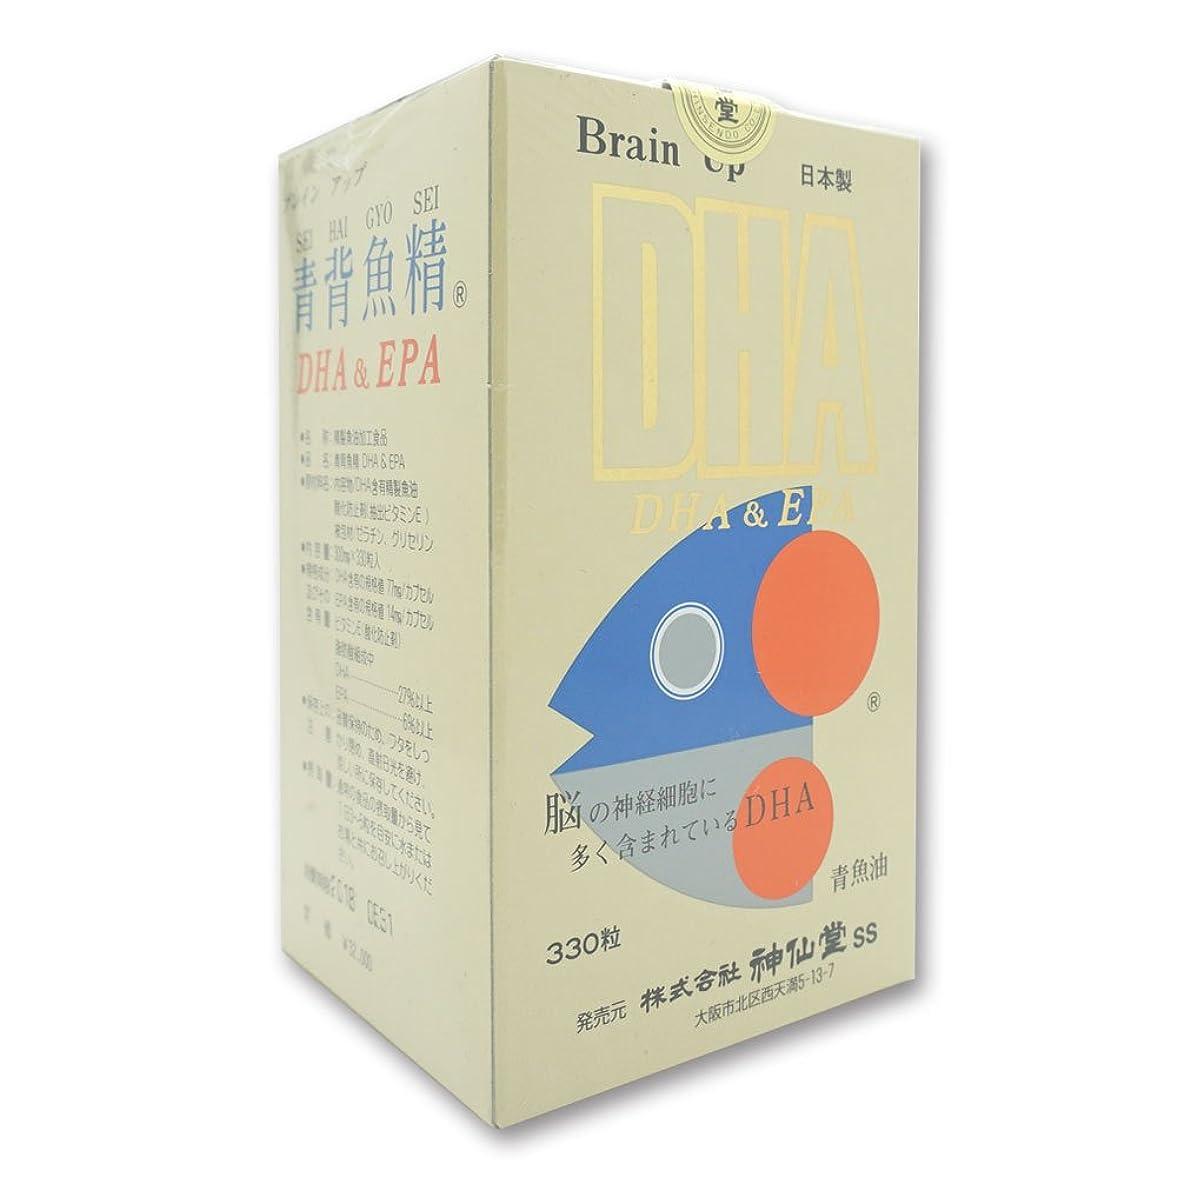 情報囲まれたジョイント神仙堂 青背魚精 DHA&EPA 330粒 精製魚油加工食品